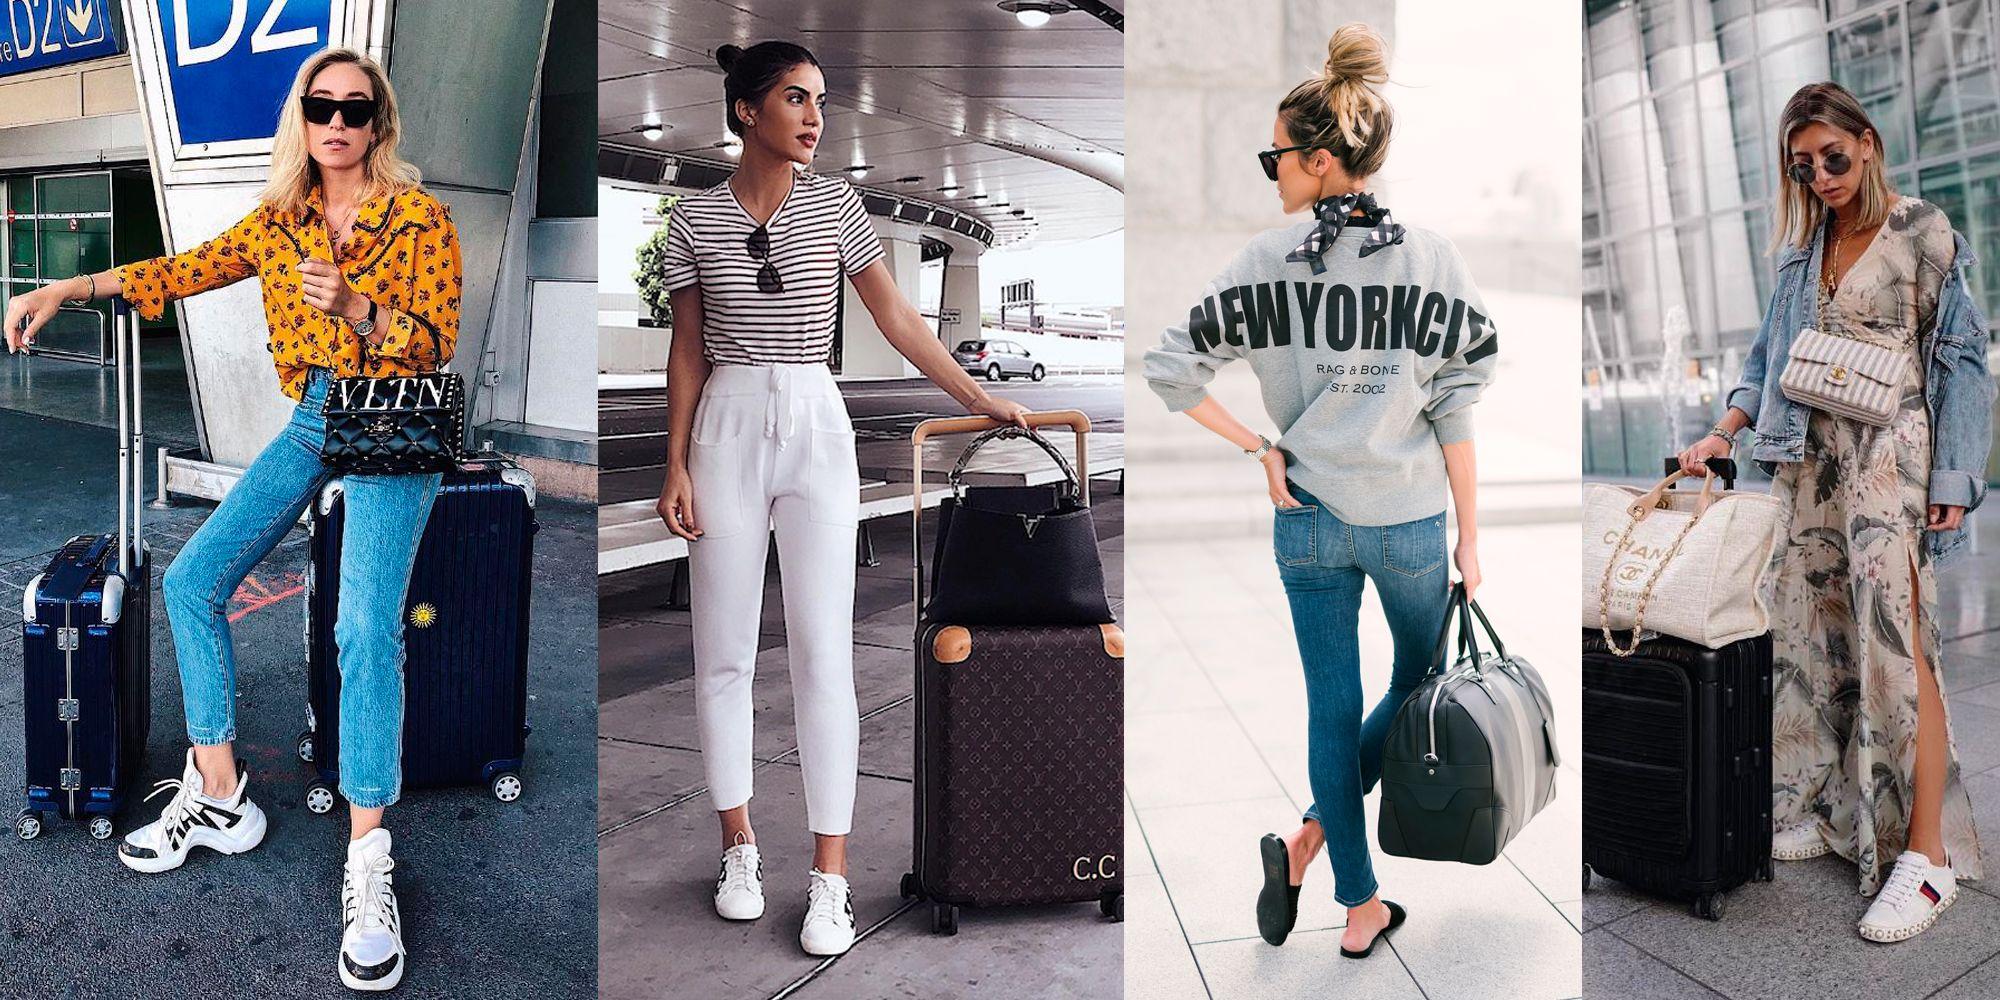 aed383e50d Cómo vestir (con estilo) para viajar según las que más viajan  las  instagramers de moda - Qué ropa lucir para viajar